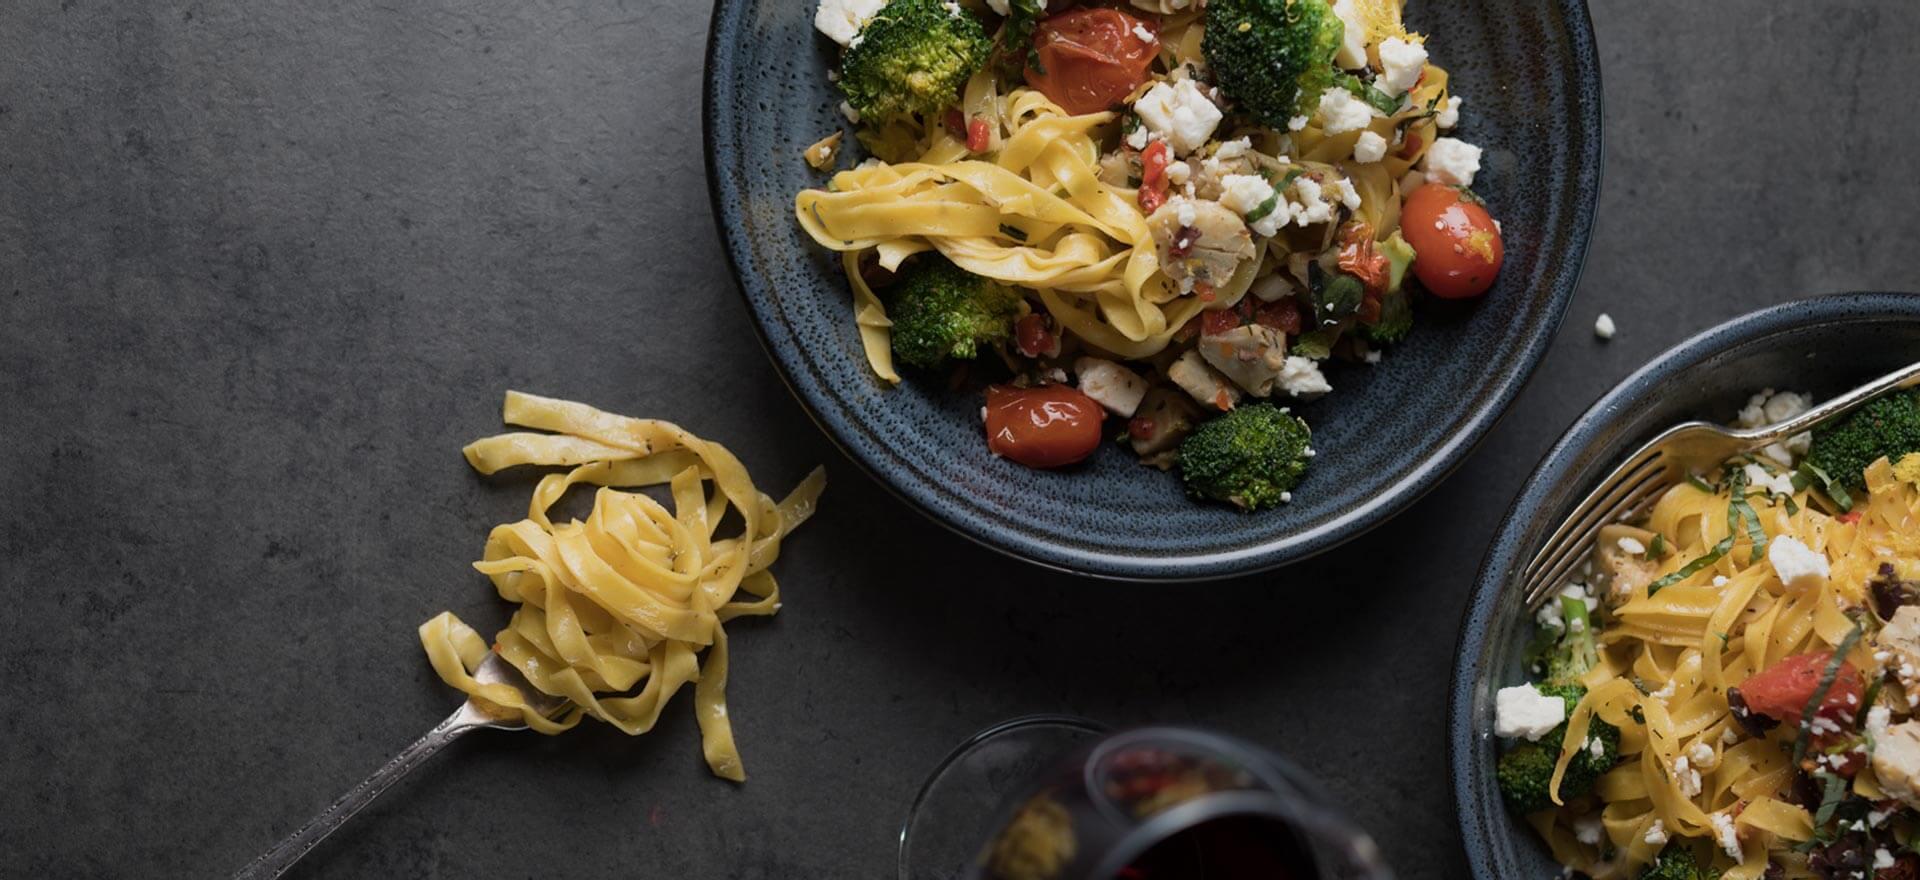 Repas de nouille avec légumes et poulet